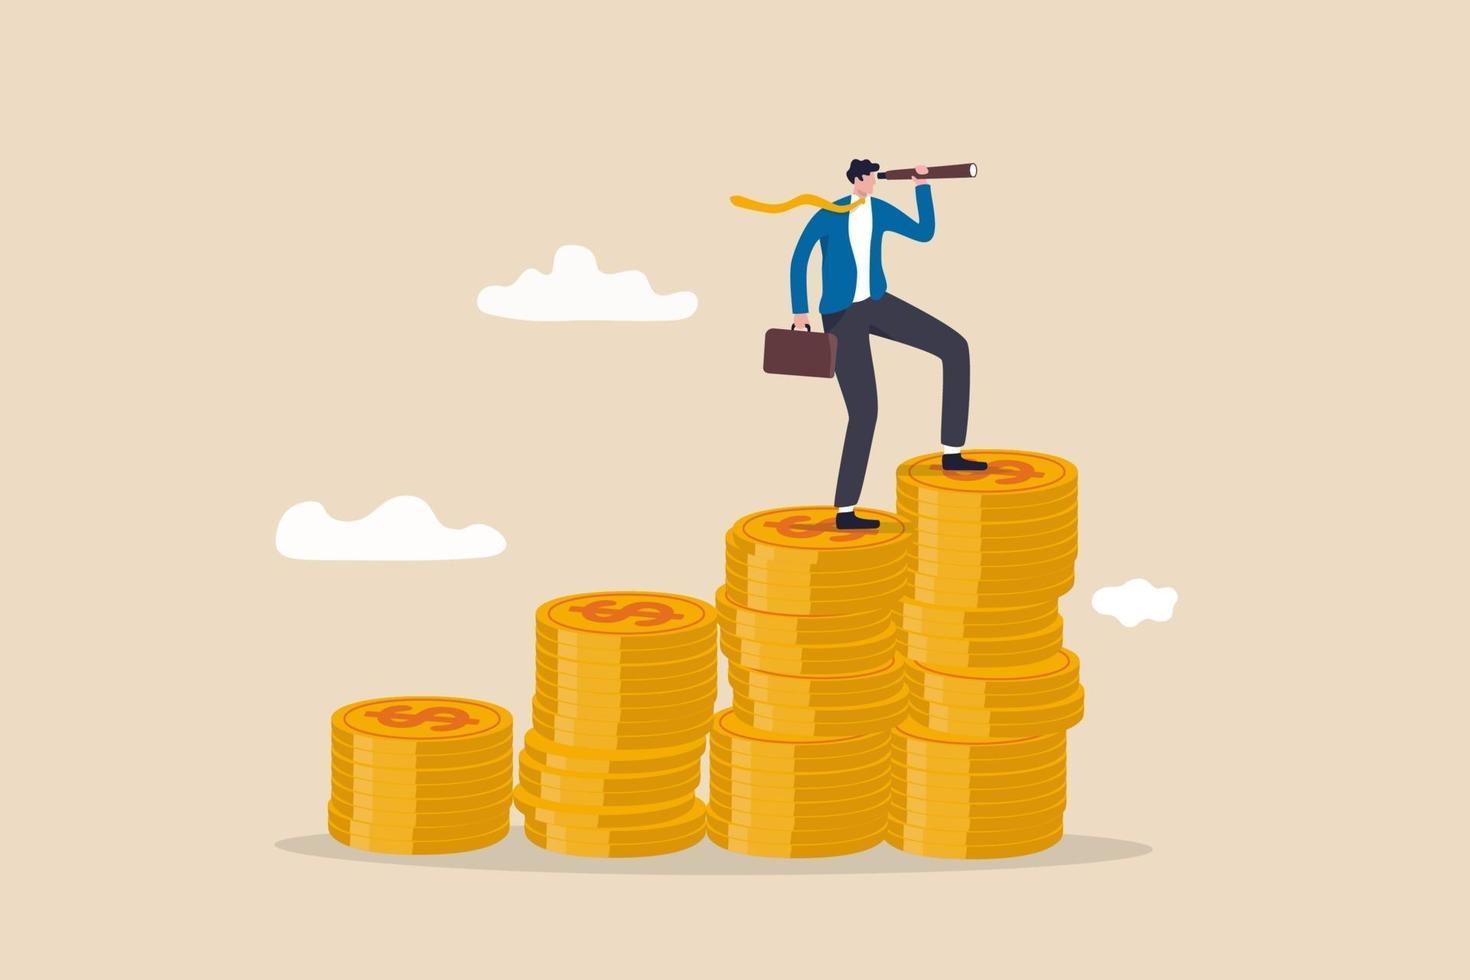 Geschäftsmann Führer auf Wachstum Geldstapel mit Teleskop oder Fernglas mit Blick auf eine glänzende Zukunft vektor